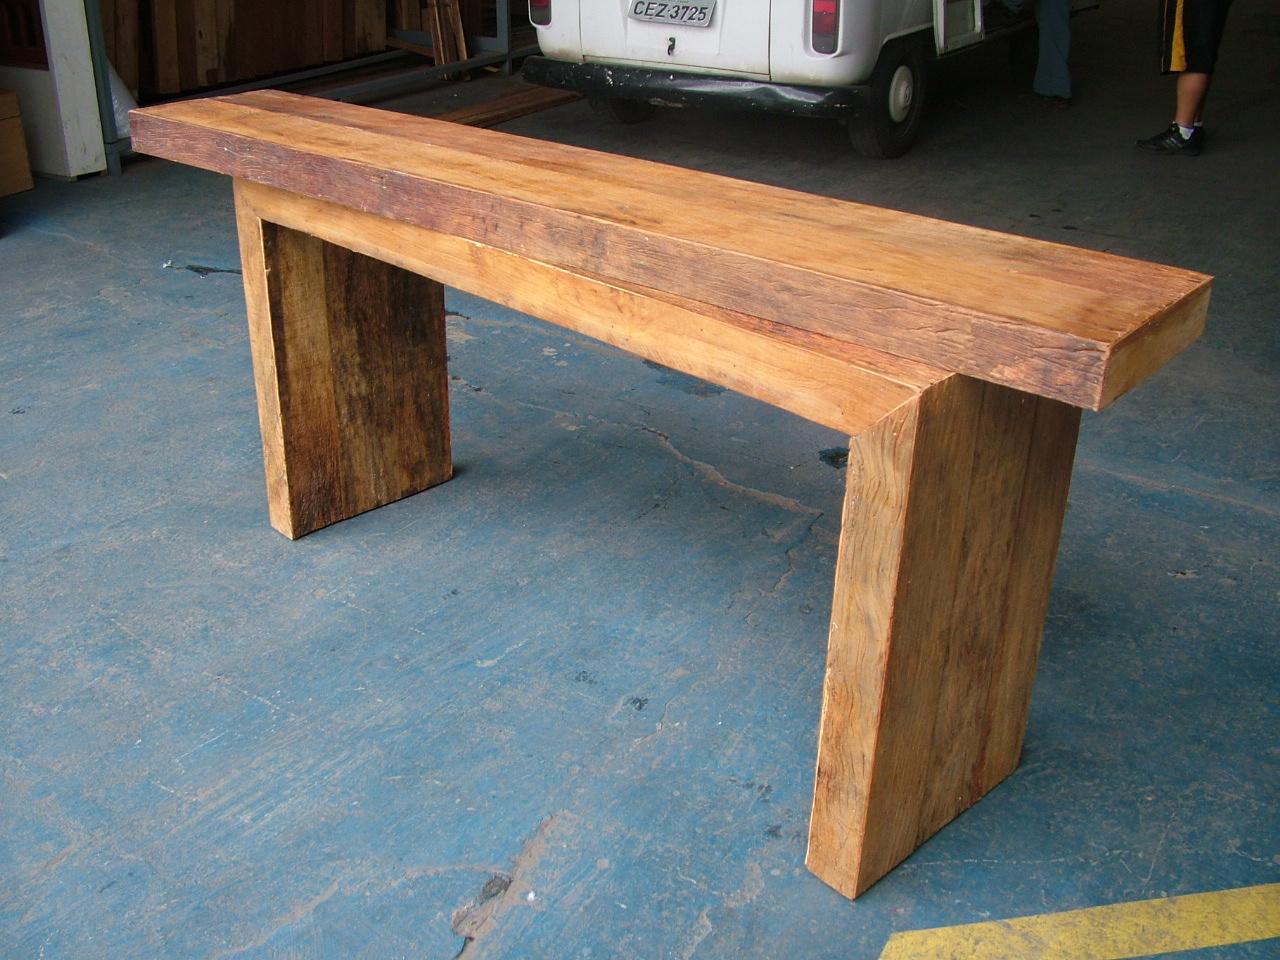 Tampo para balcão em madeira de demolição. #B06A1B 1280 960